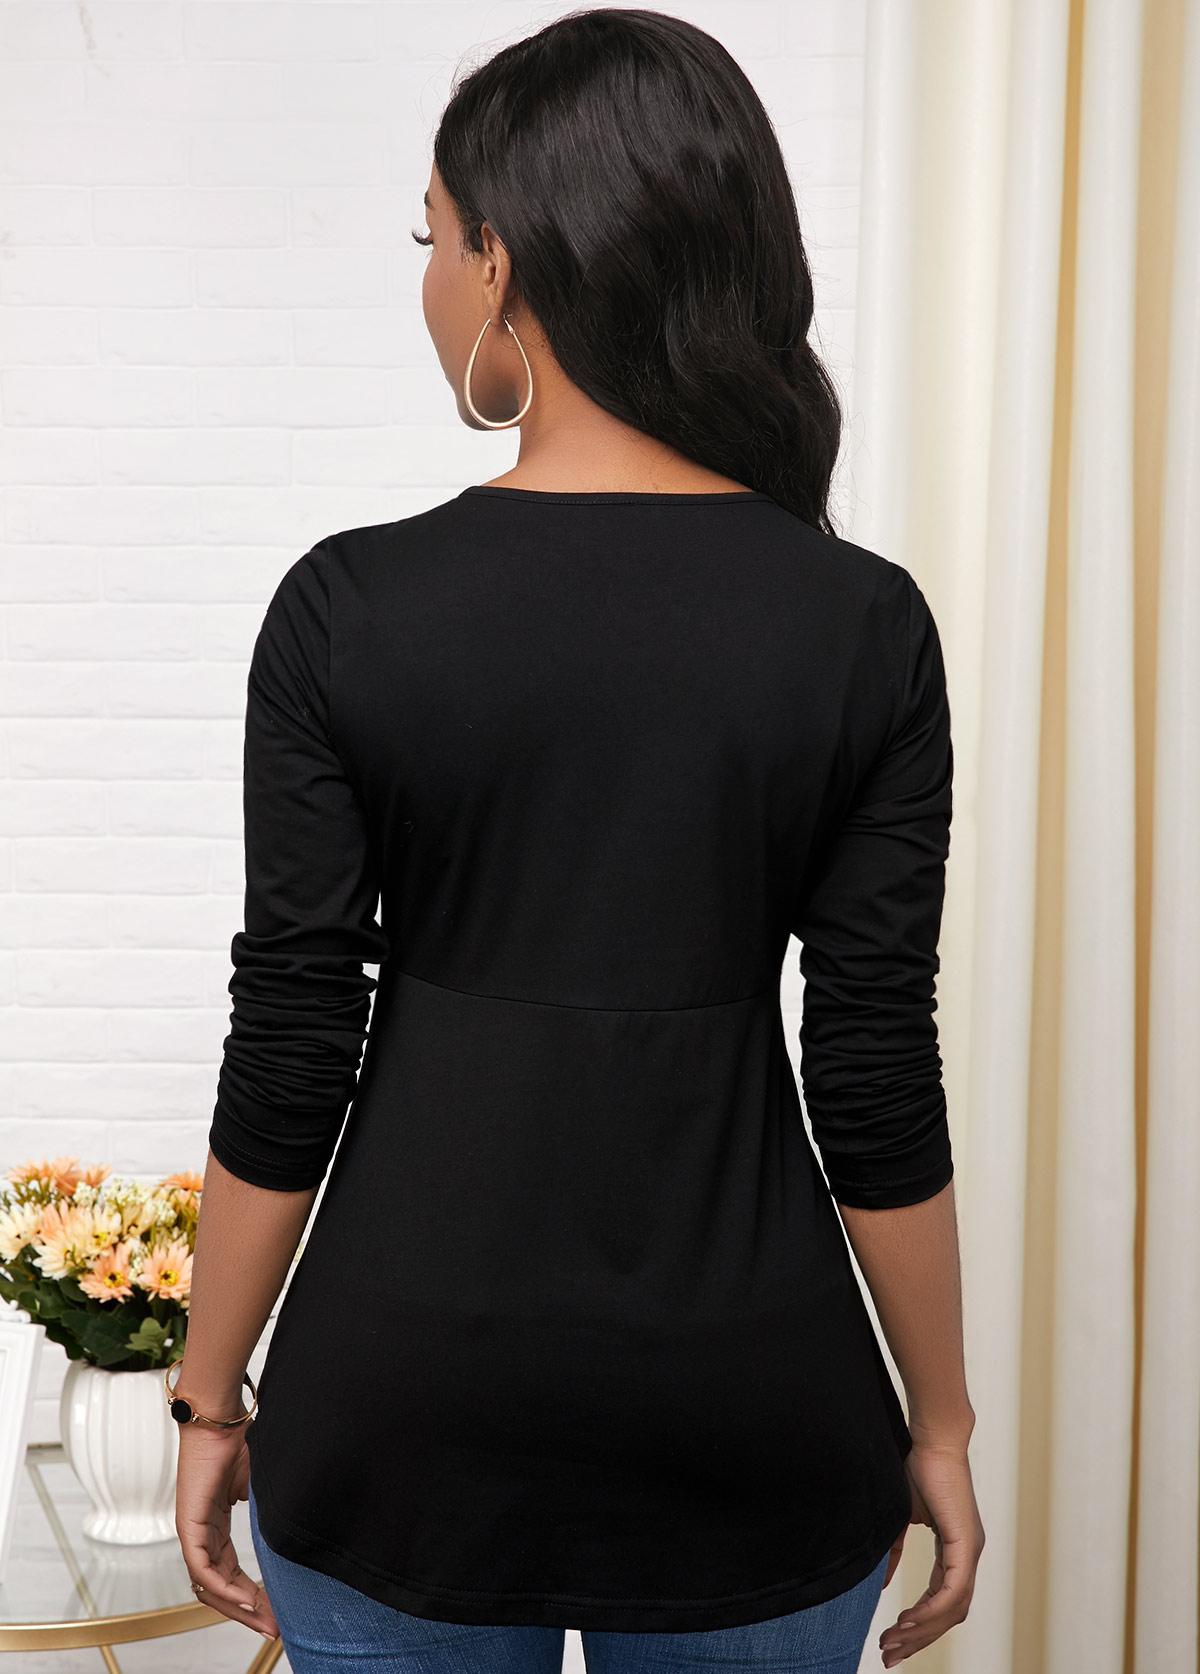 Black Criss Cross Neck Long Sleeve T Shirt